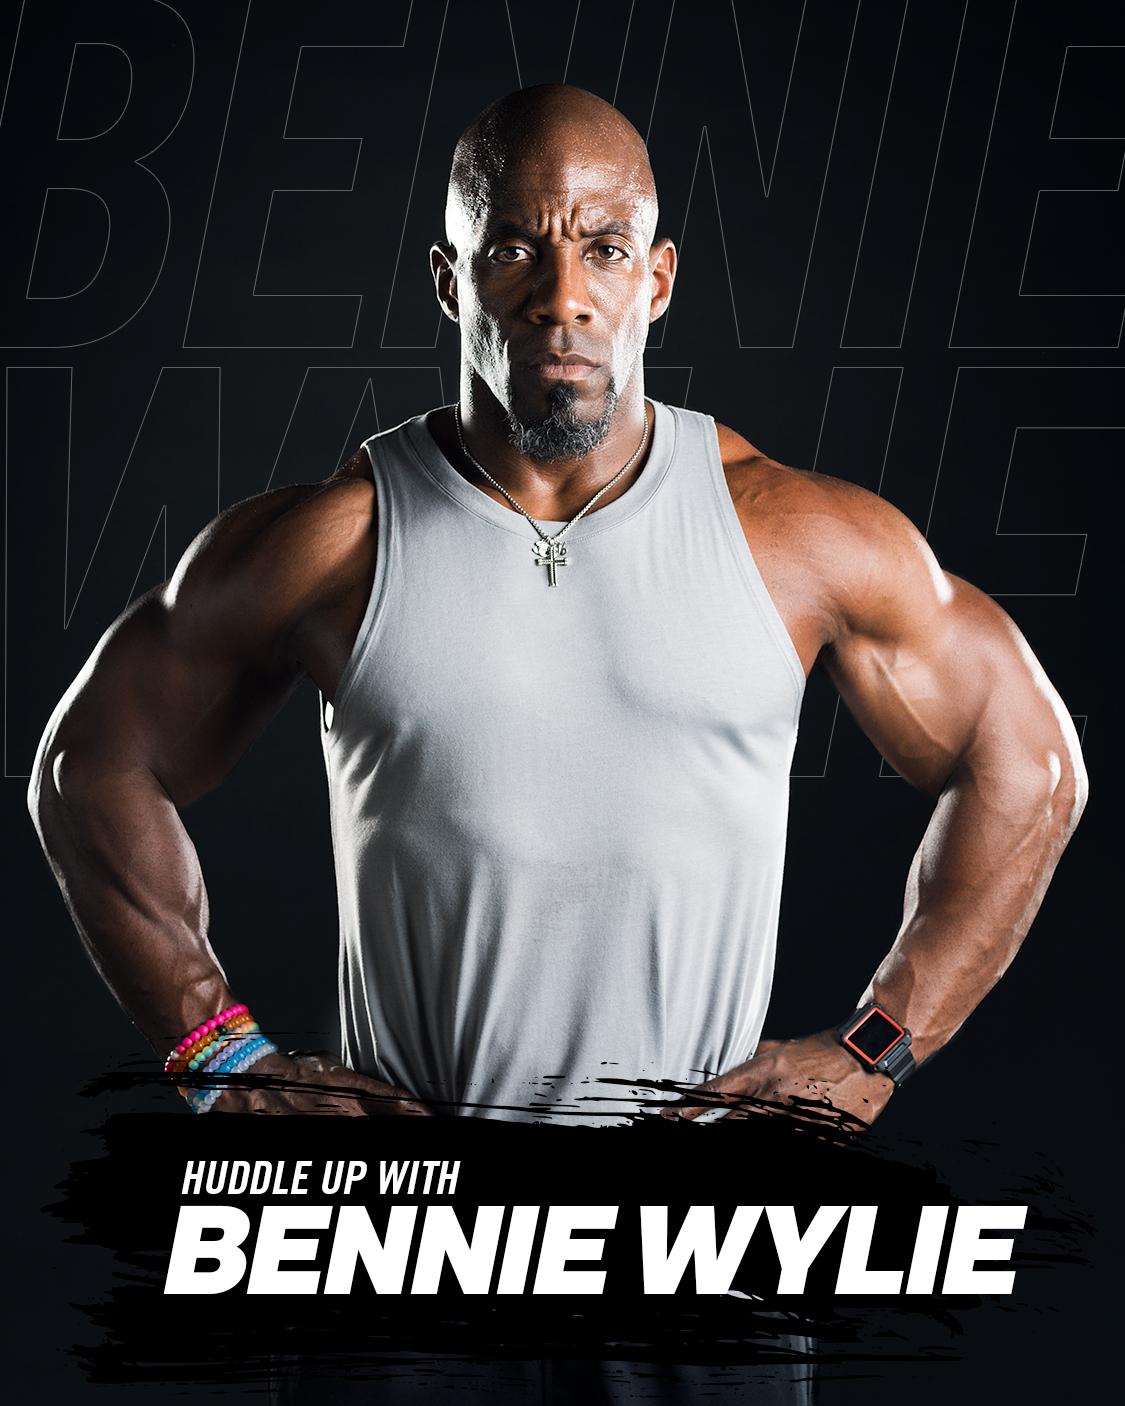 Bennie-Wylie-Huddle-Up.jpg